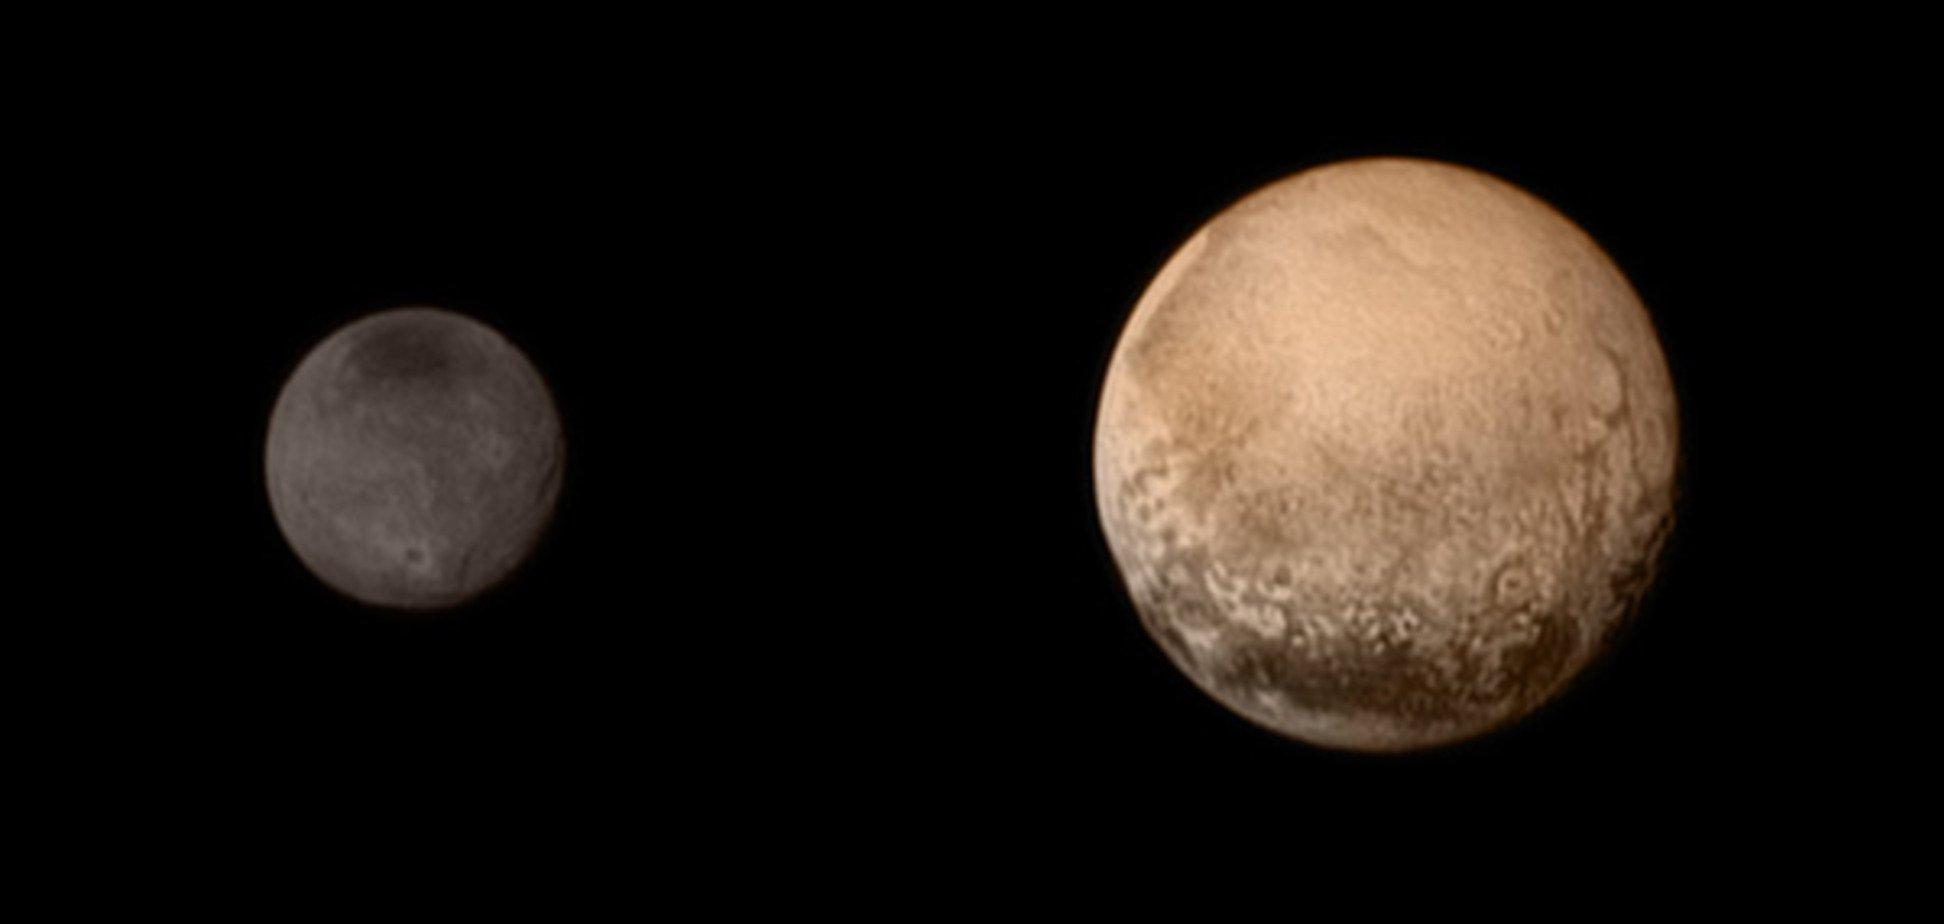 Учені розповіли, як 'життя' подорожує по планетах у космосі